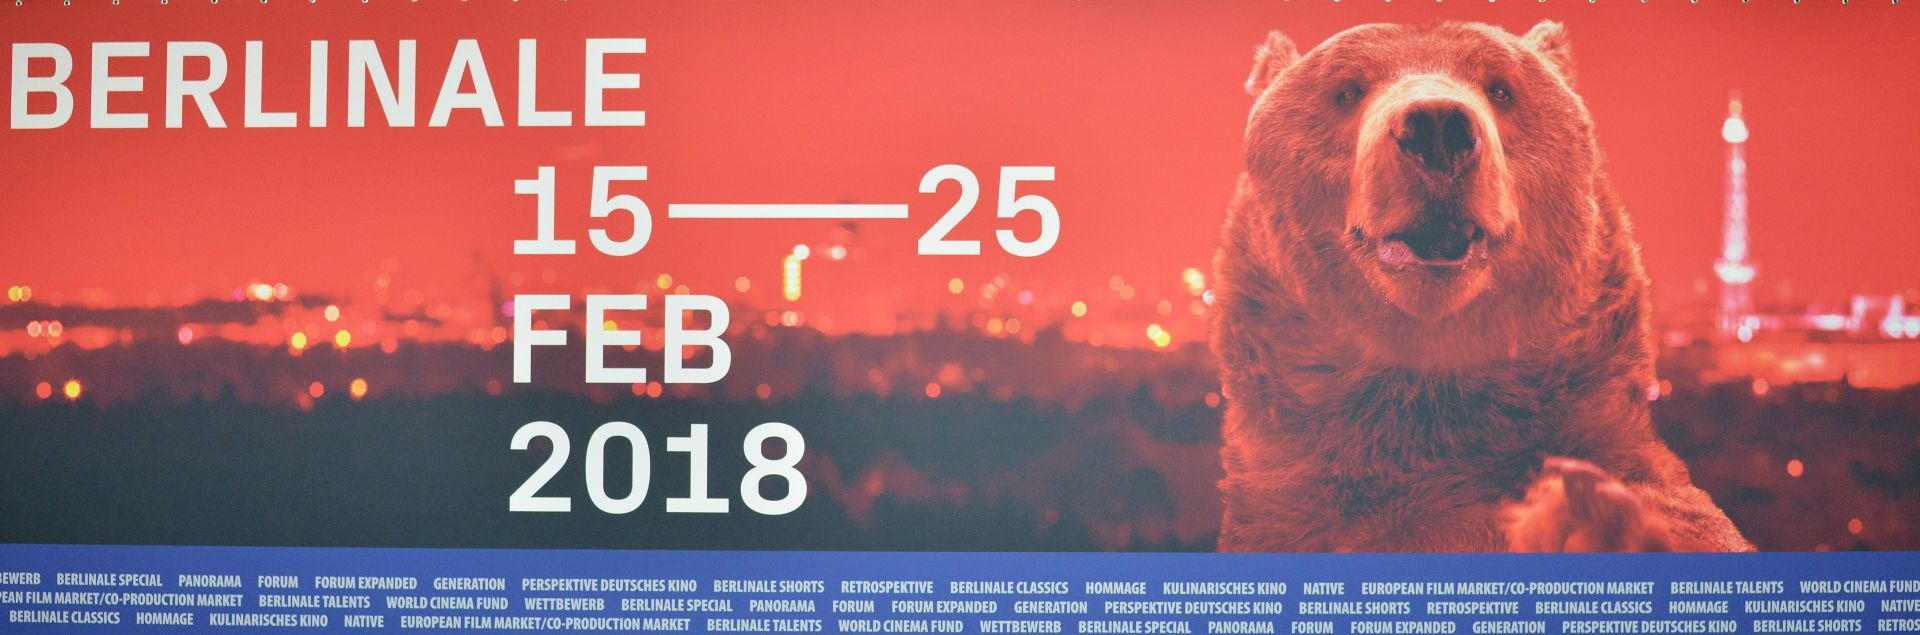 Završava Berlinale, za Zlatnog medvjeda konkurira 19 filmova